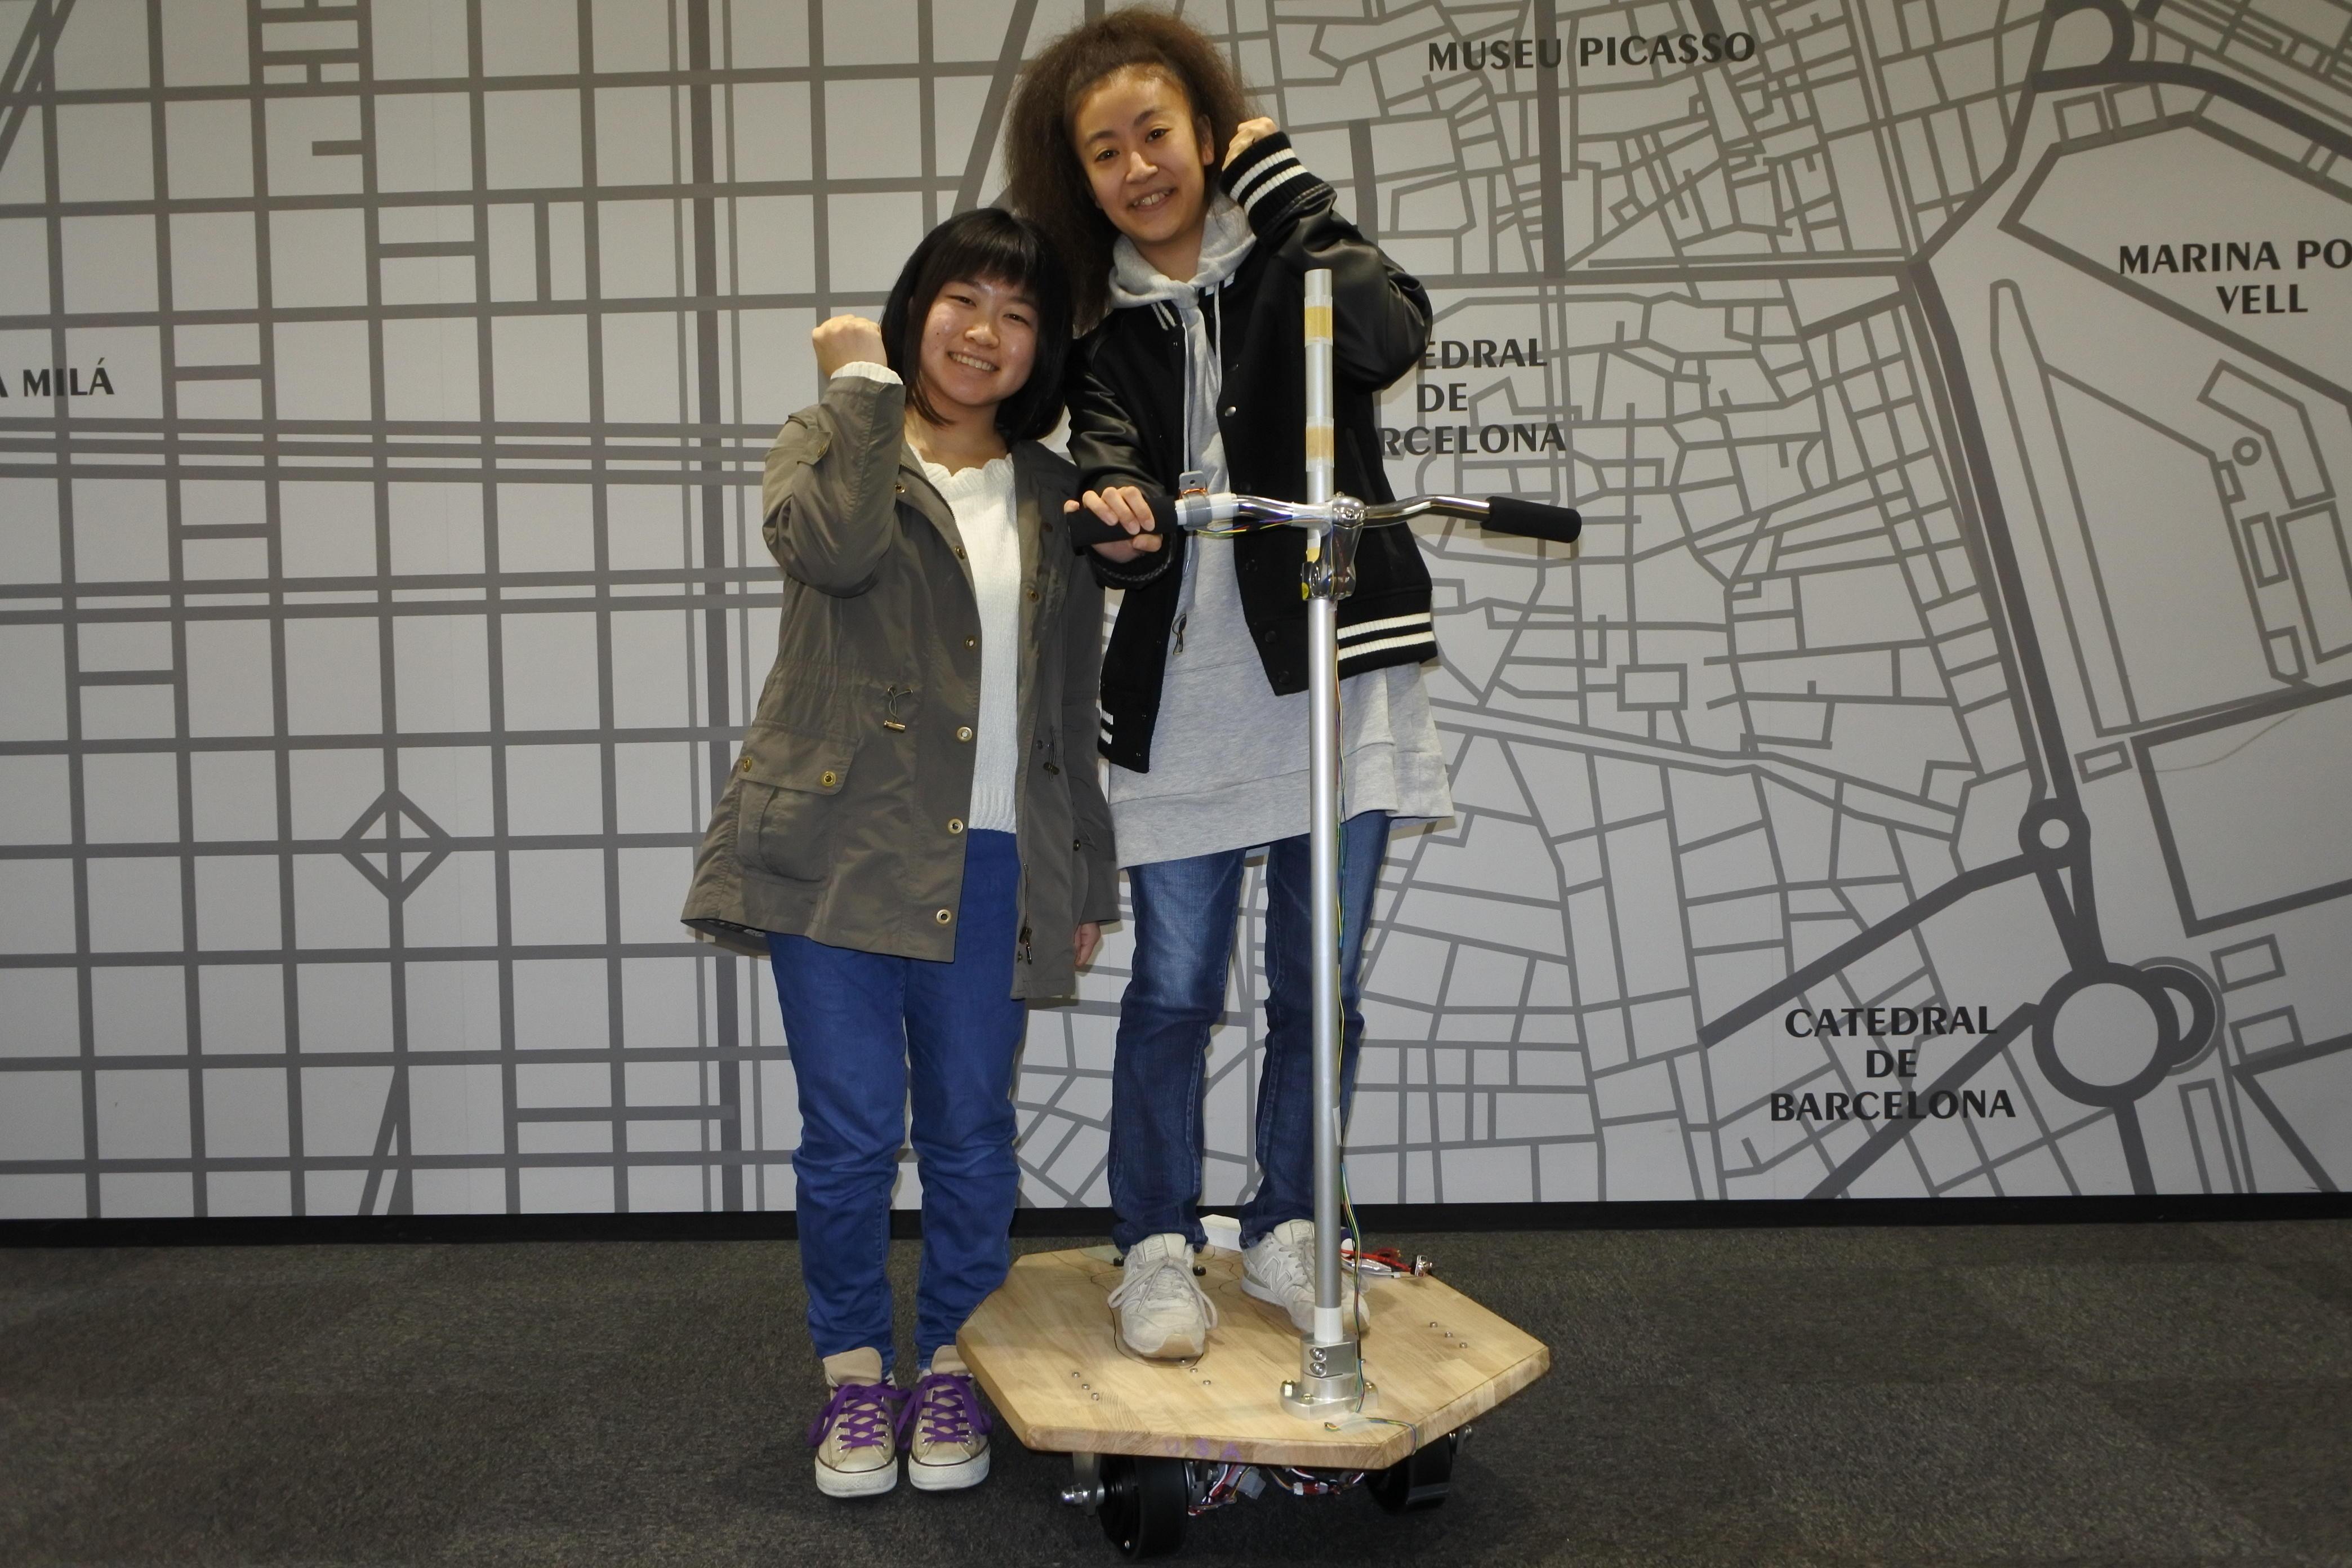 自作の電動立ち乗り三輪車に乗る鈴木さん(右)と、井上さん